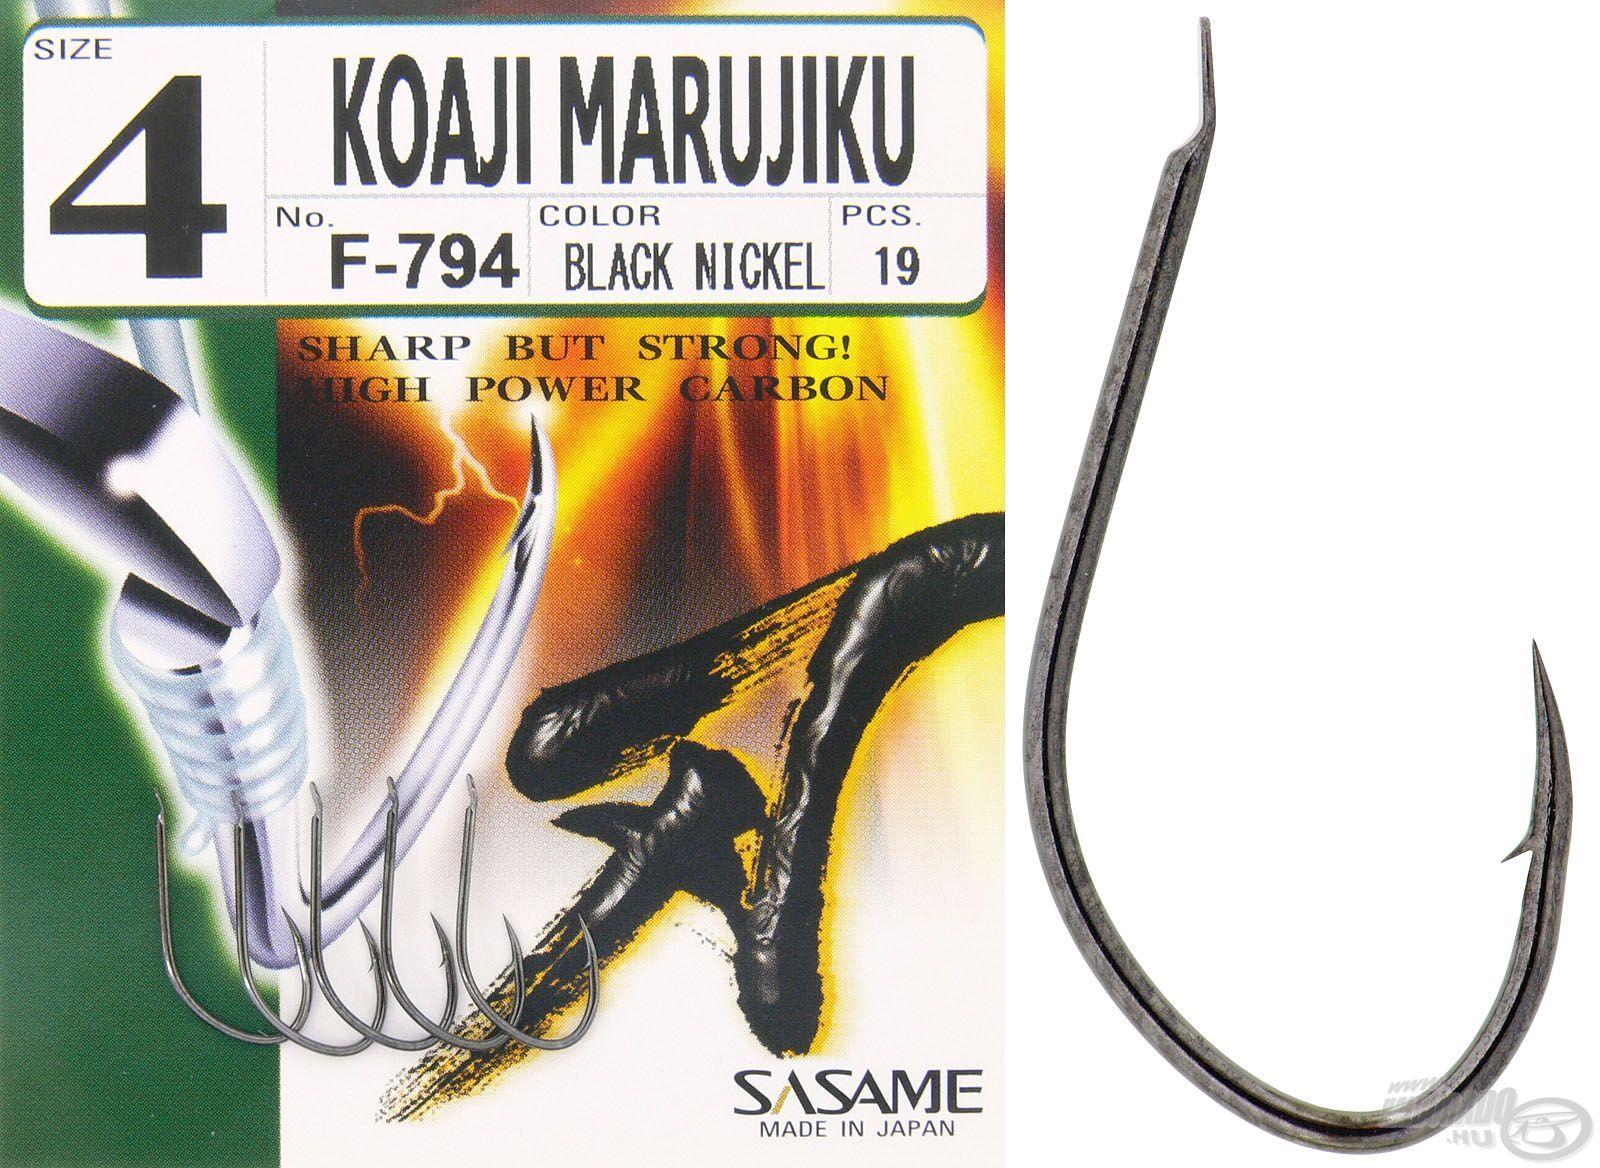 A Koaji Marujiku a legkedveltebb formájú horogtípus, ha finomszerelékes pontyhorgászatról van szó